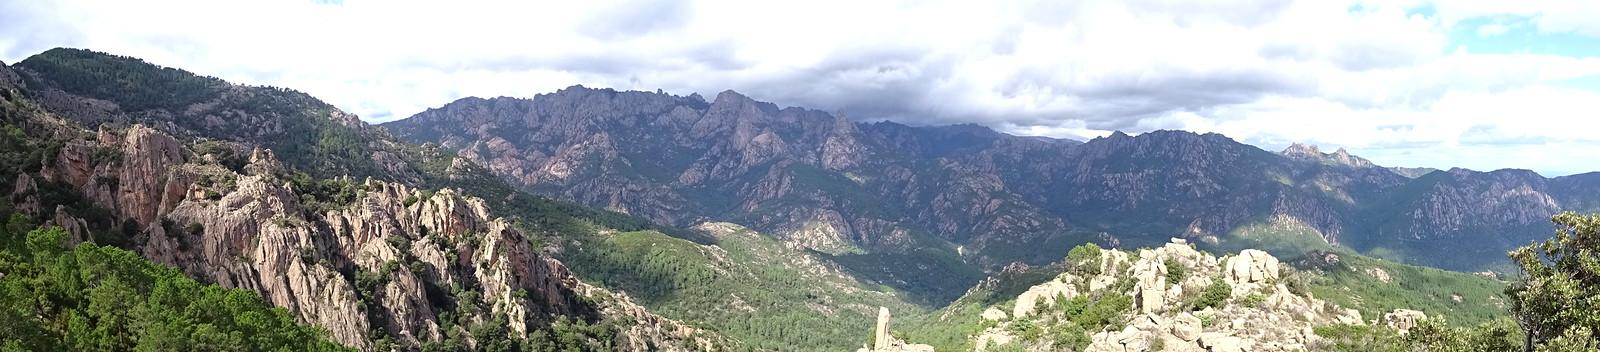 Vues et panoramiques depuis le virage de la piste de Luviu à Murata